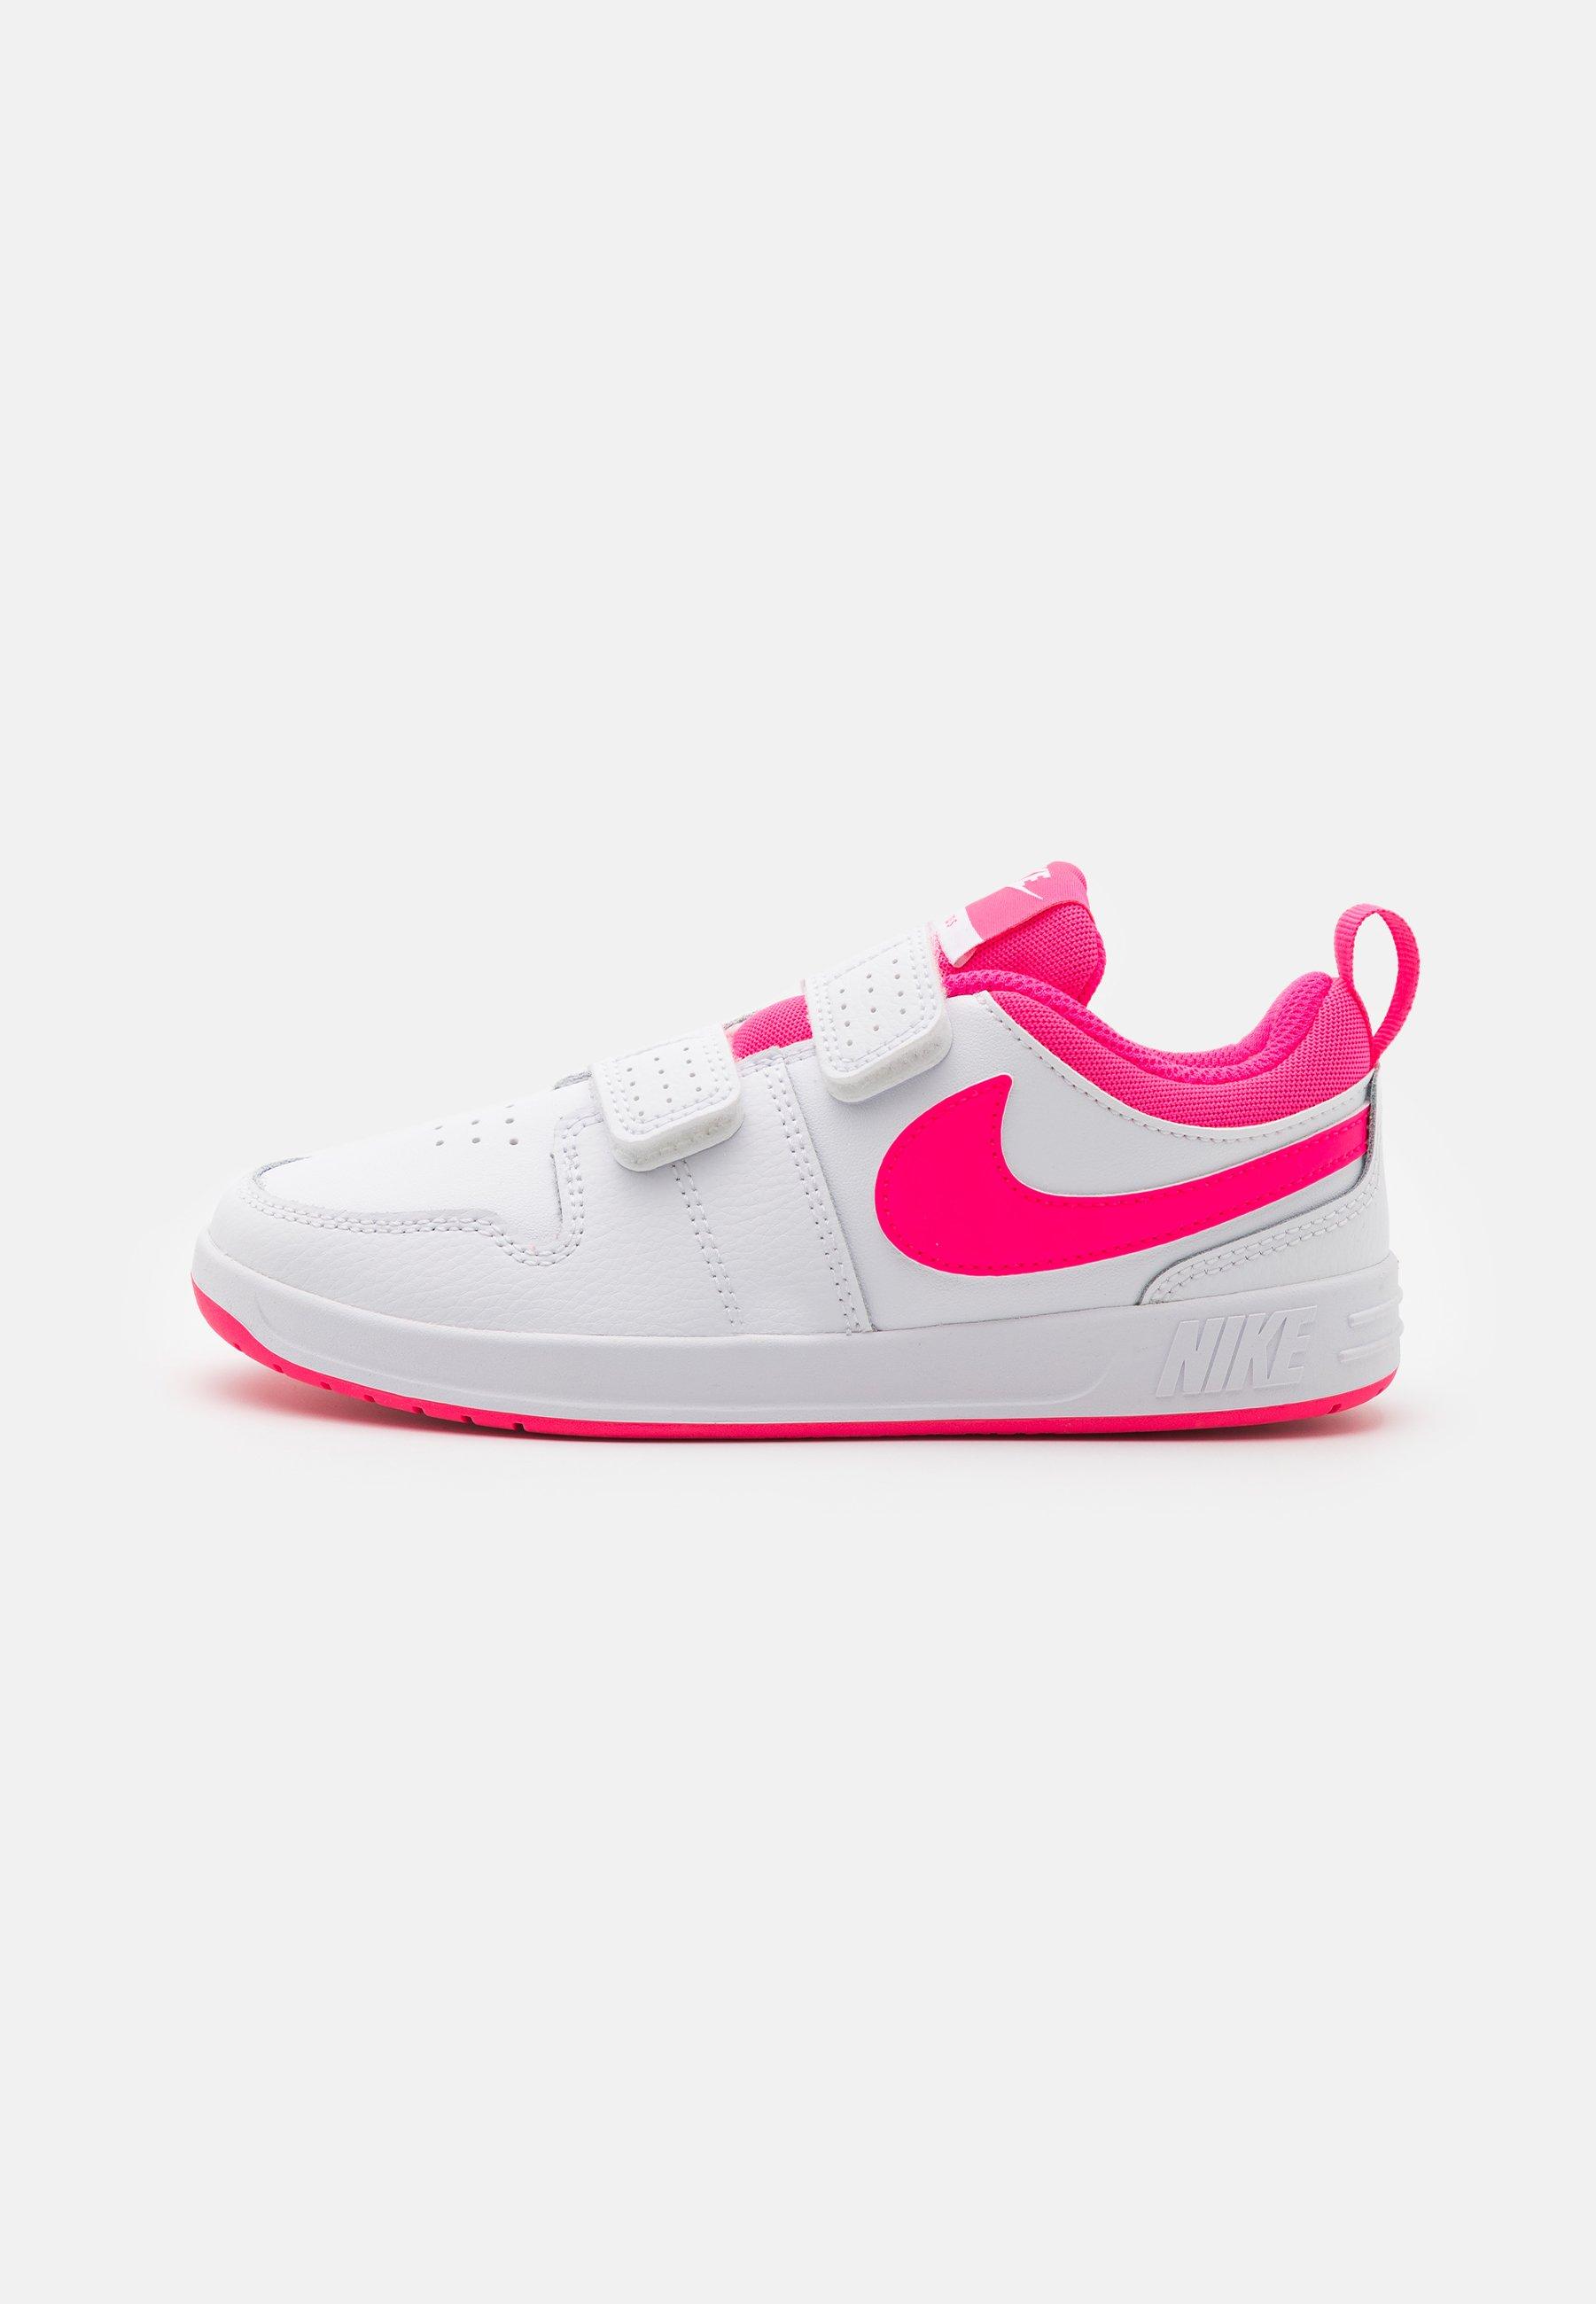 Enfant PICO 5 UNISEX - Chaussures d'entraînement et de fitness